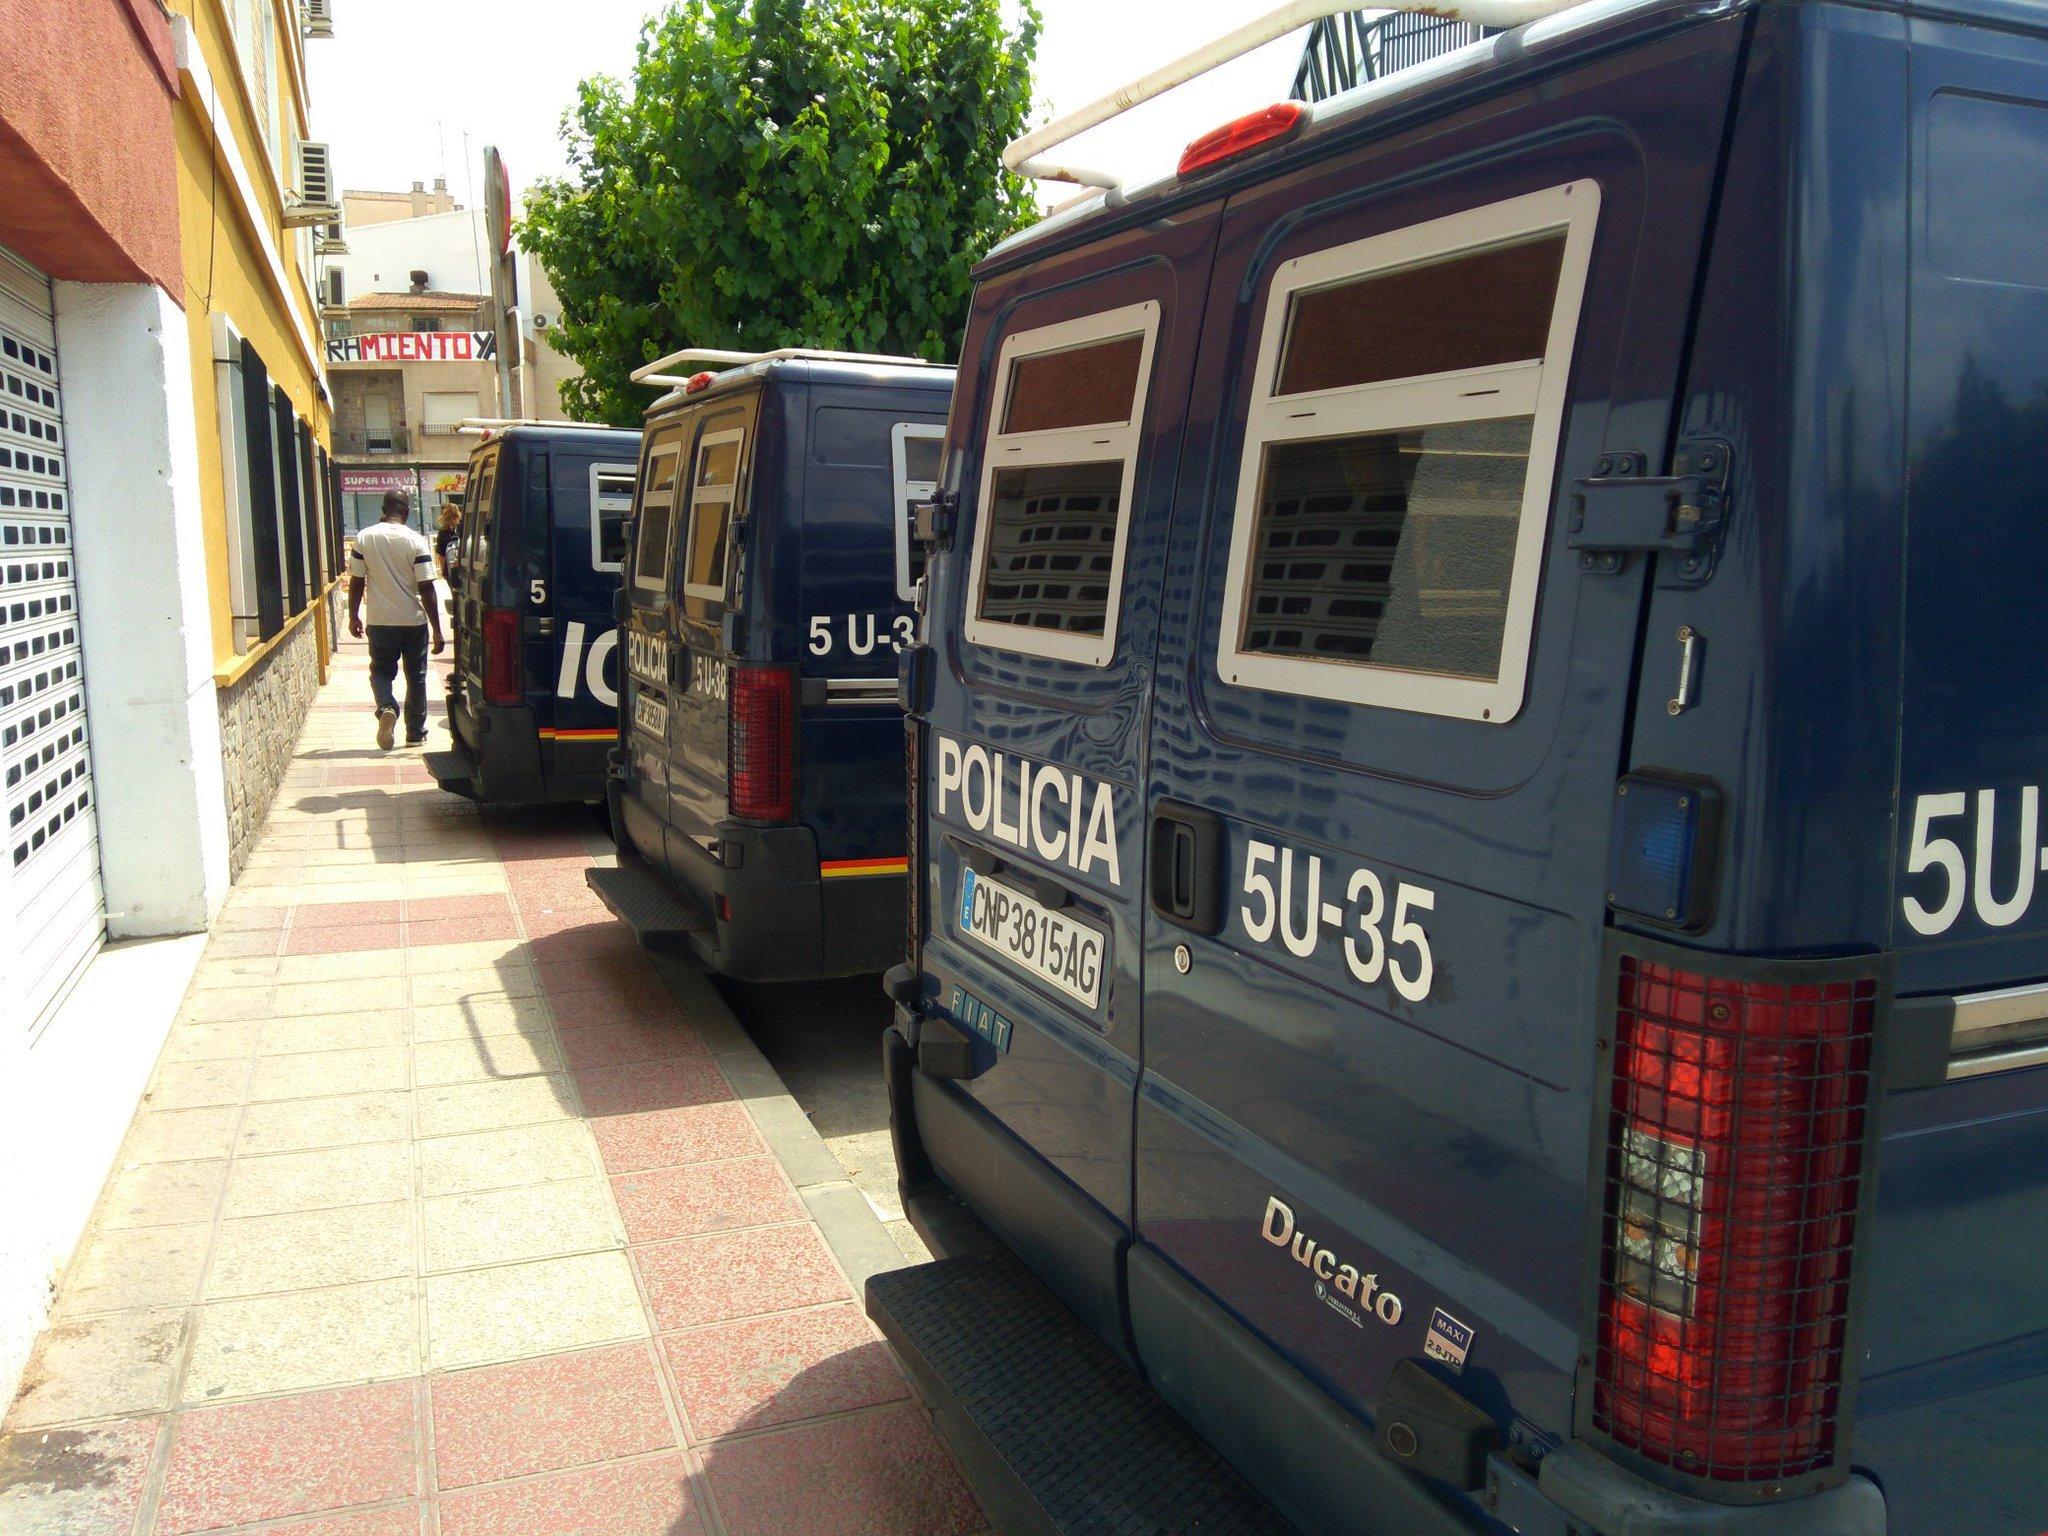 el AVE quizá llegará soterrado a Murcia pero la impunidad política camina por la superficie. - Página 9 DeT02utW4AEdYry